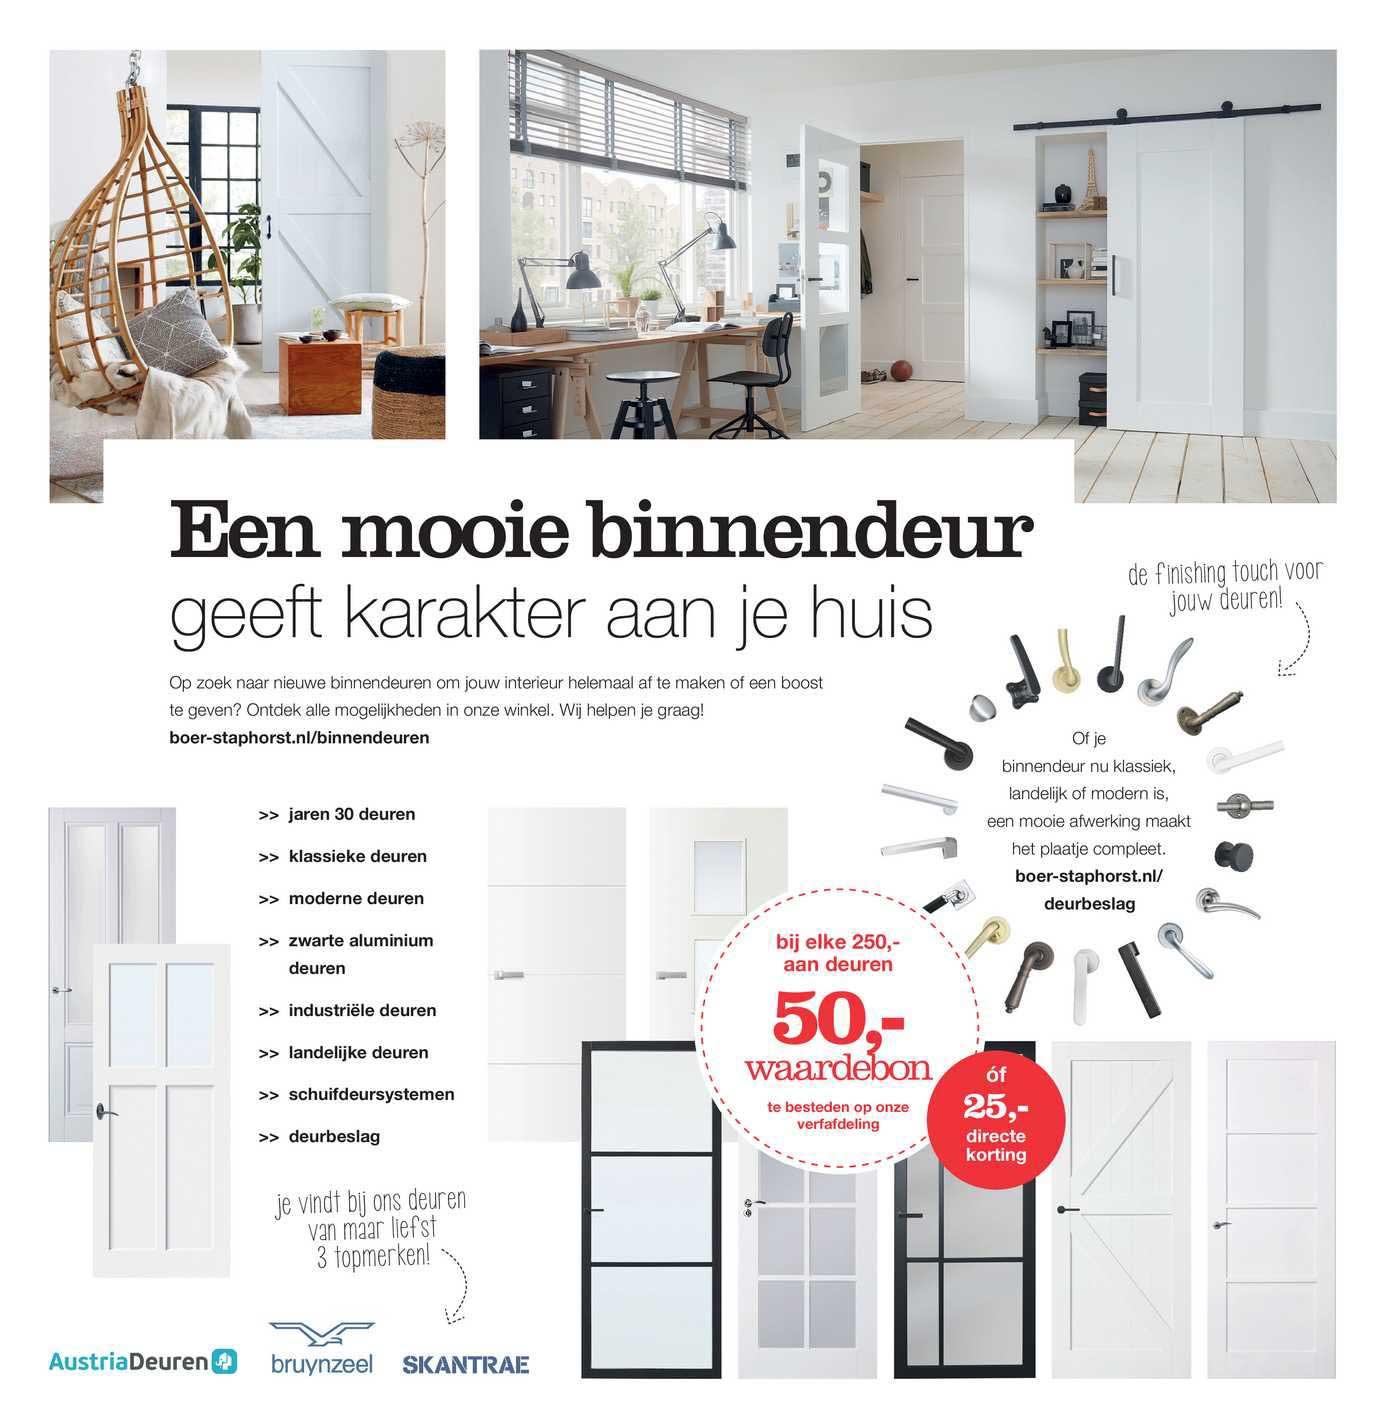 Boer Staphorst Een Mooie Binnendeur